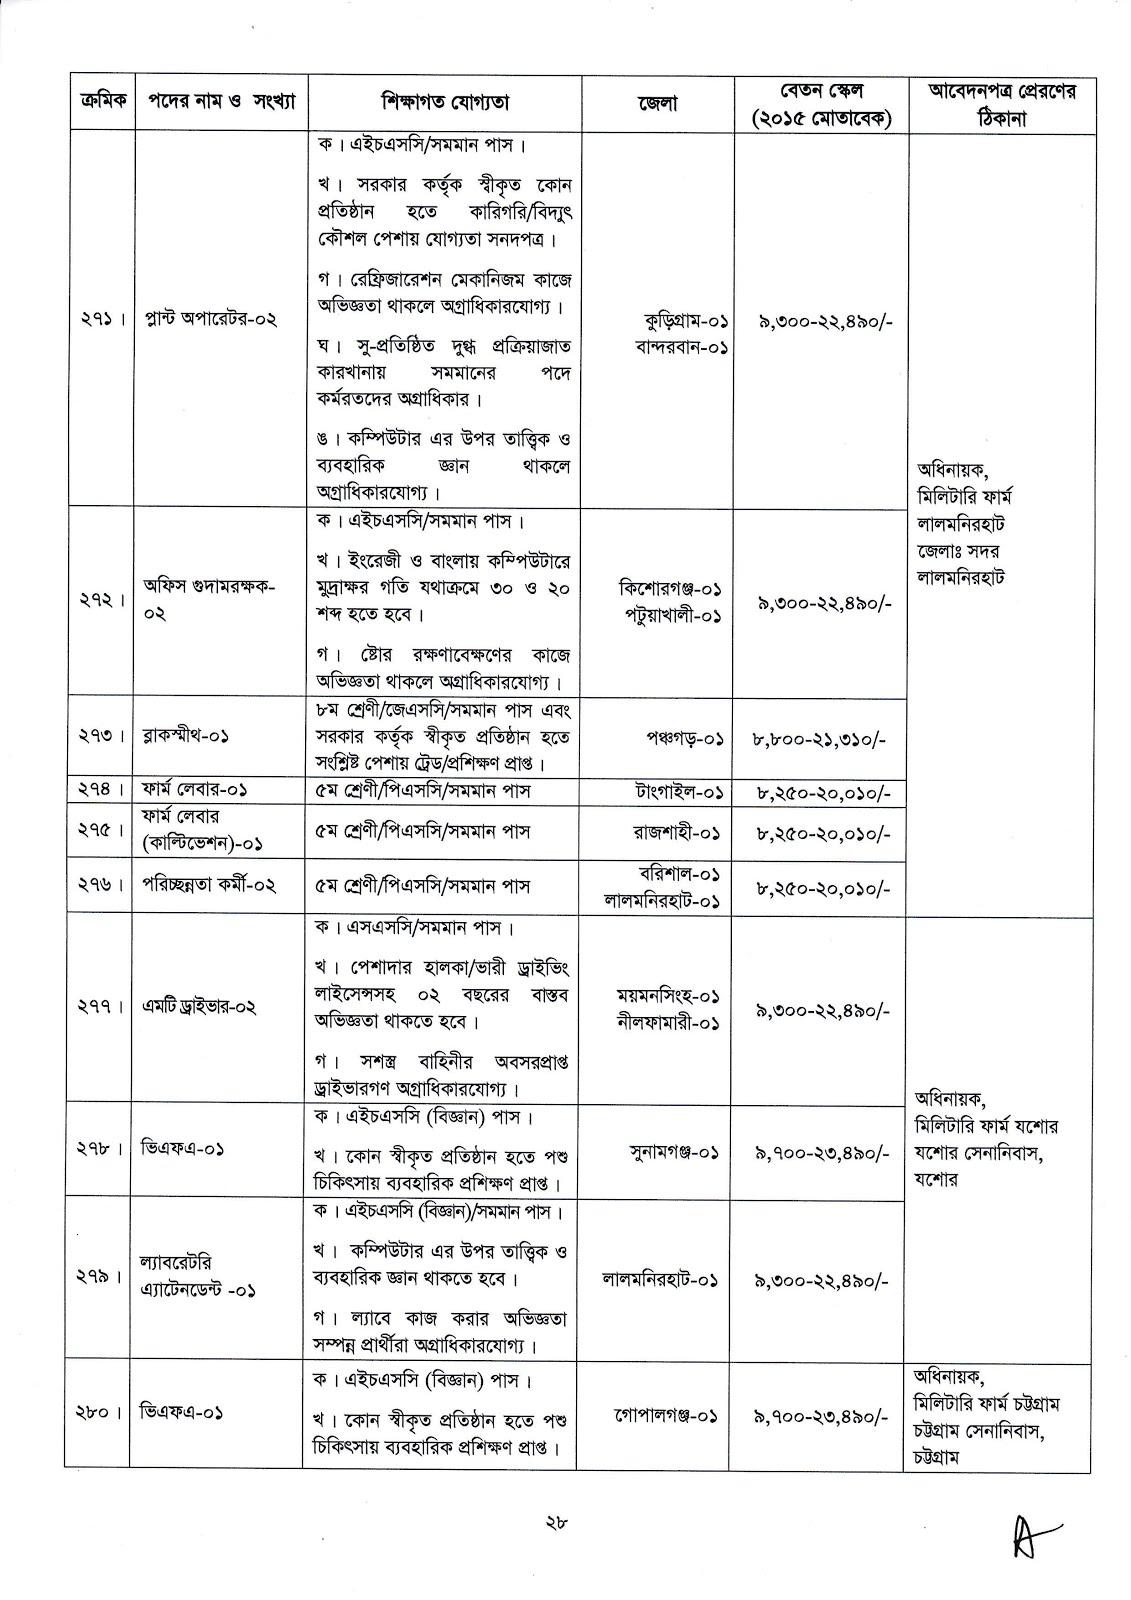 সেনাবাহিনীর বেসামরিক পদে নিয়োগ  Bangladesh Army Civilian Job Circular 2020